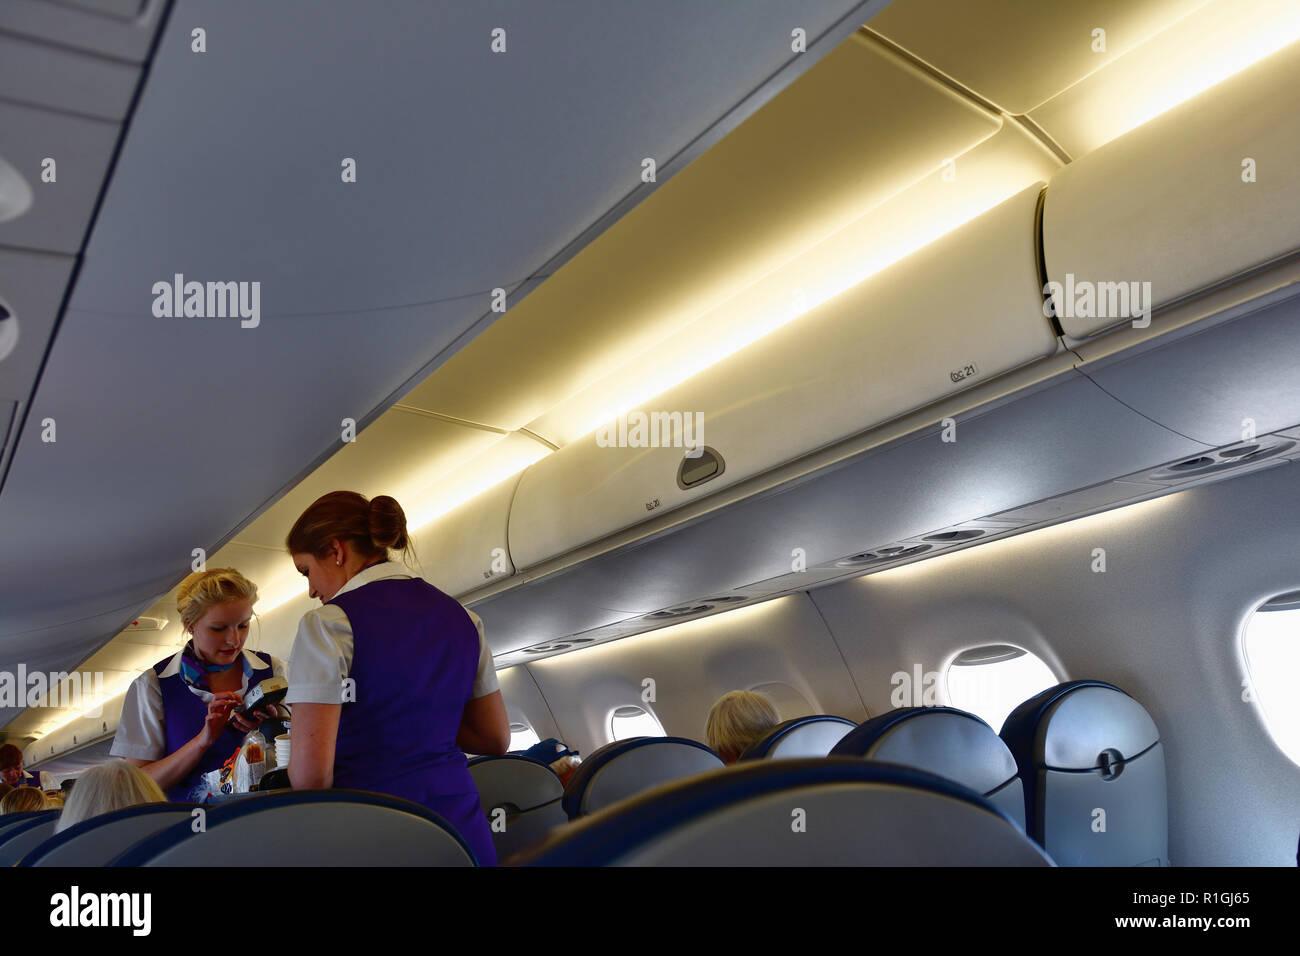 Monarch Airlines. A bordo de la cabina de una aeronave monarca. Málaga, Andalucía, España, Europa Foto de stock